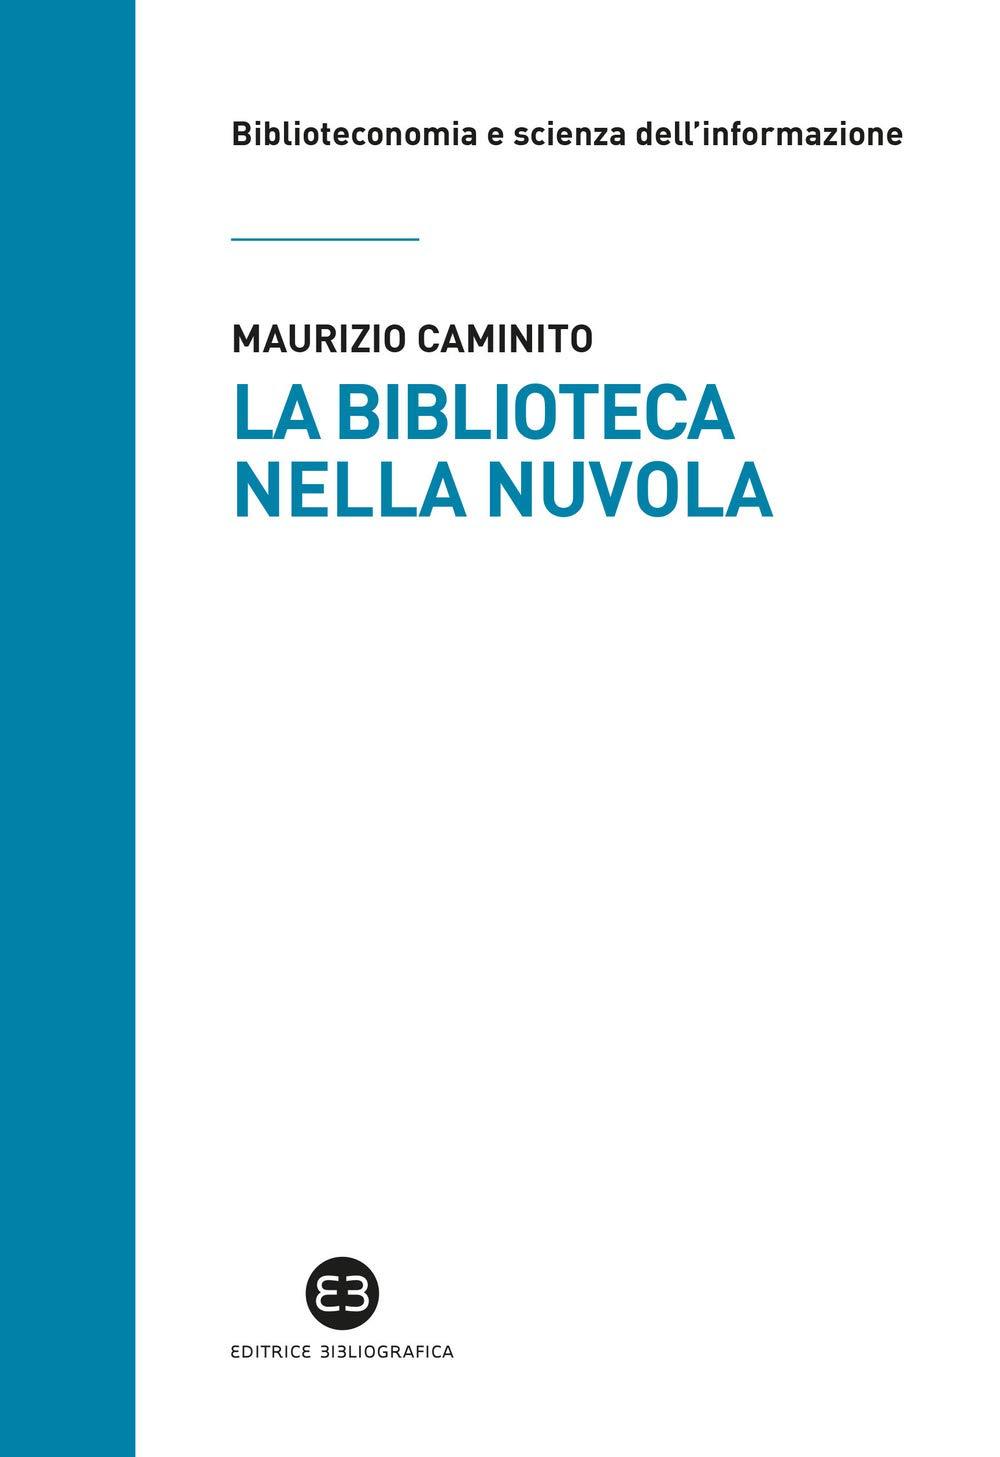 La biblioteca nella nuvola. Utenti e servizi al tempo degli smartphone Copertina flessibile – 20 set 2018 Maurizio Caminito Editrice Bibliografica 8893570106 Testi scientifici